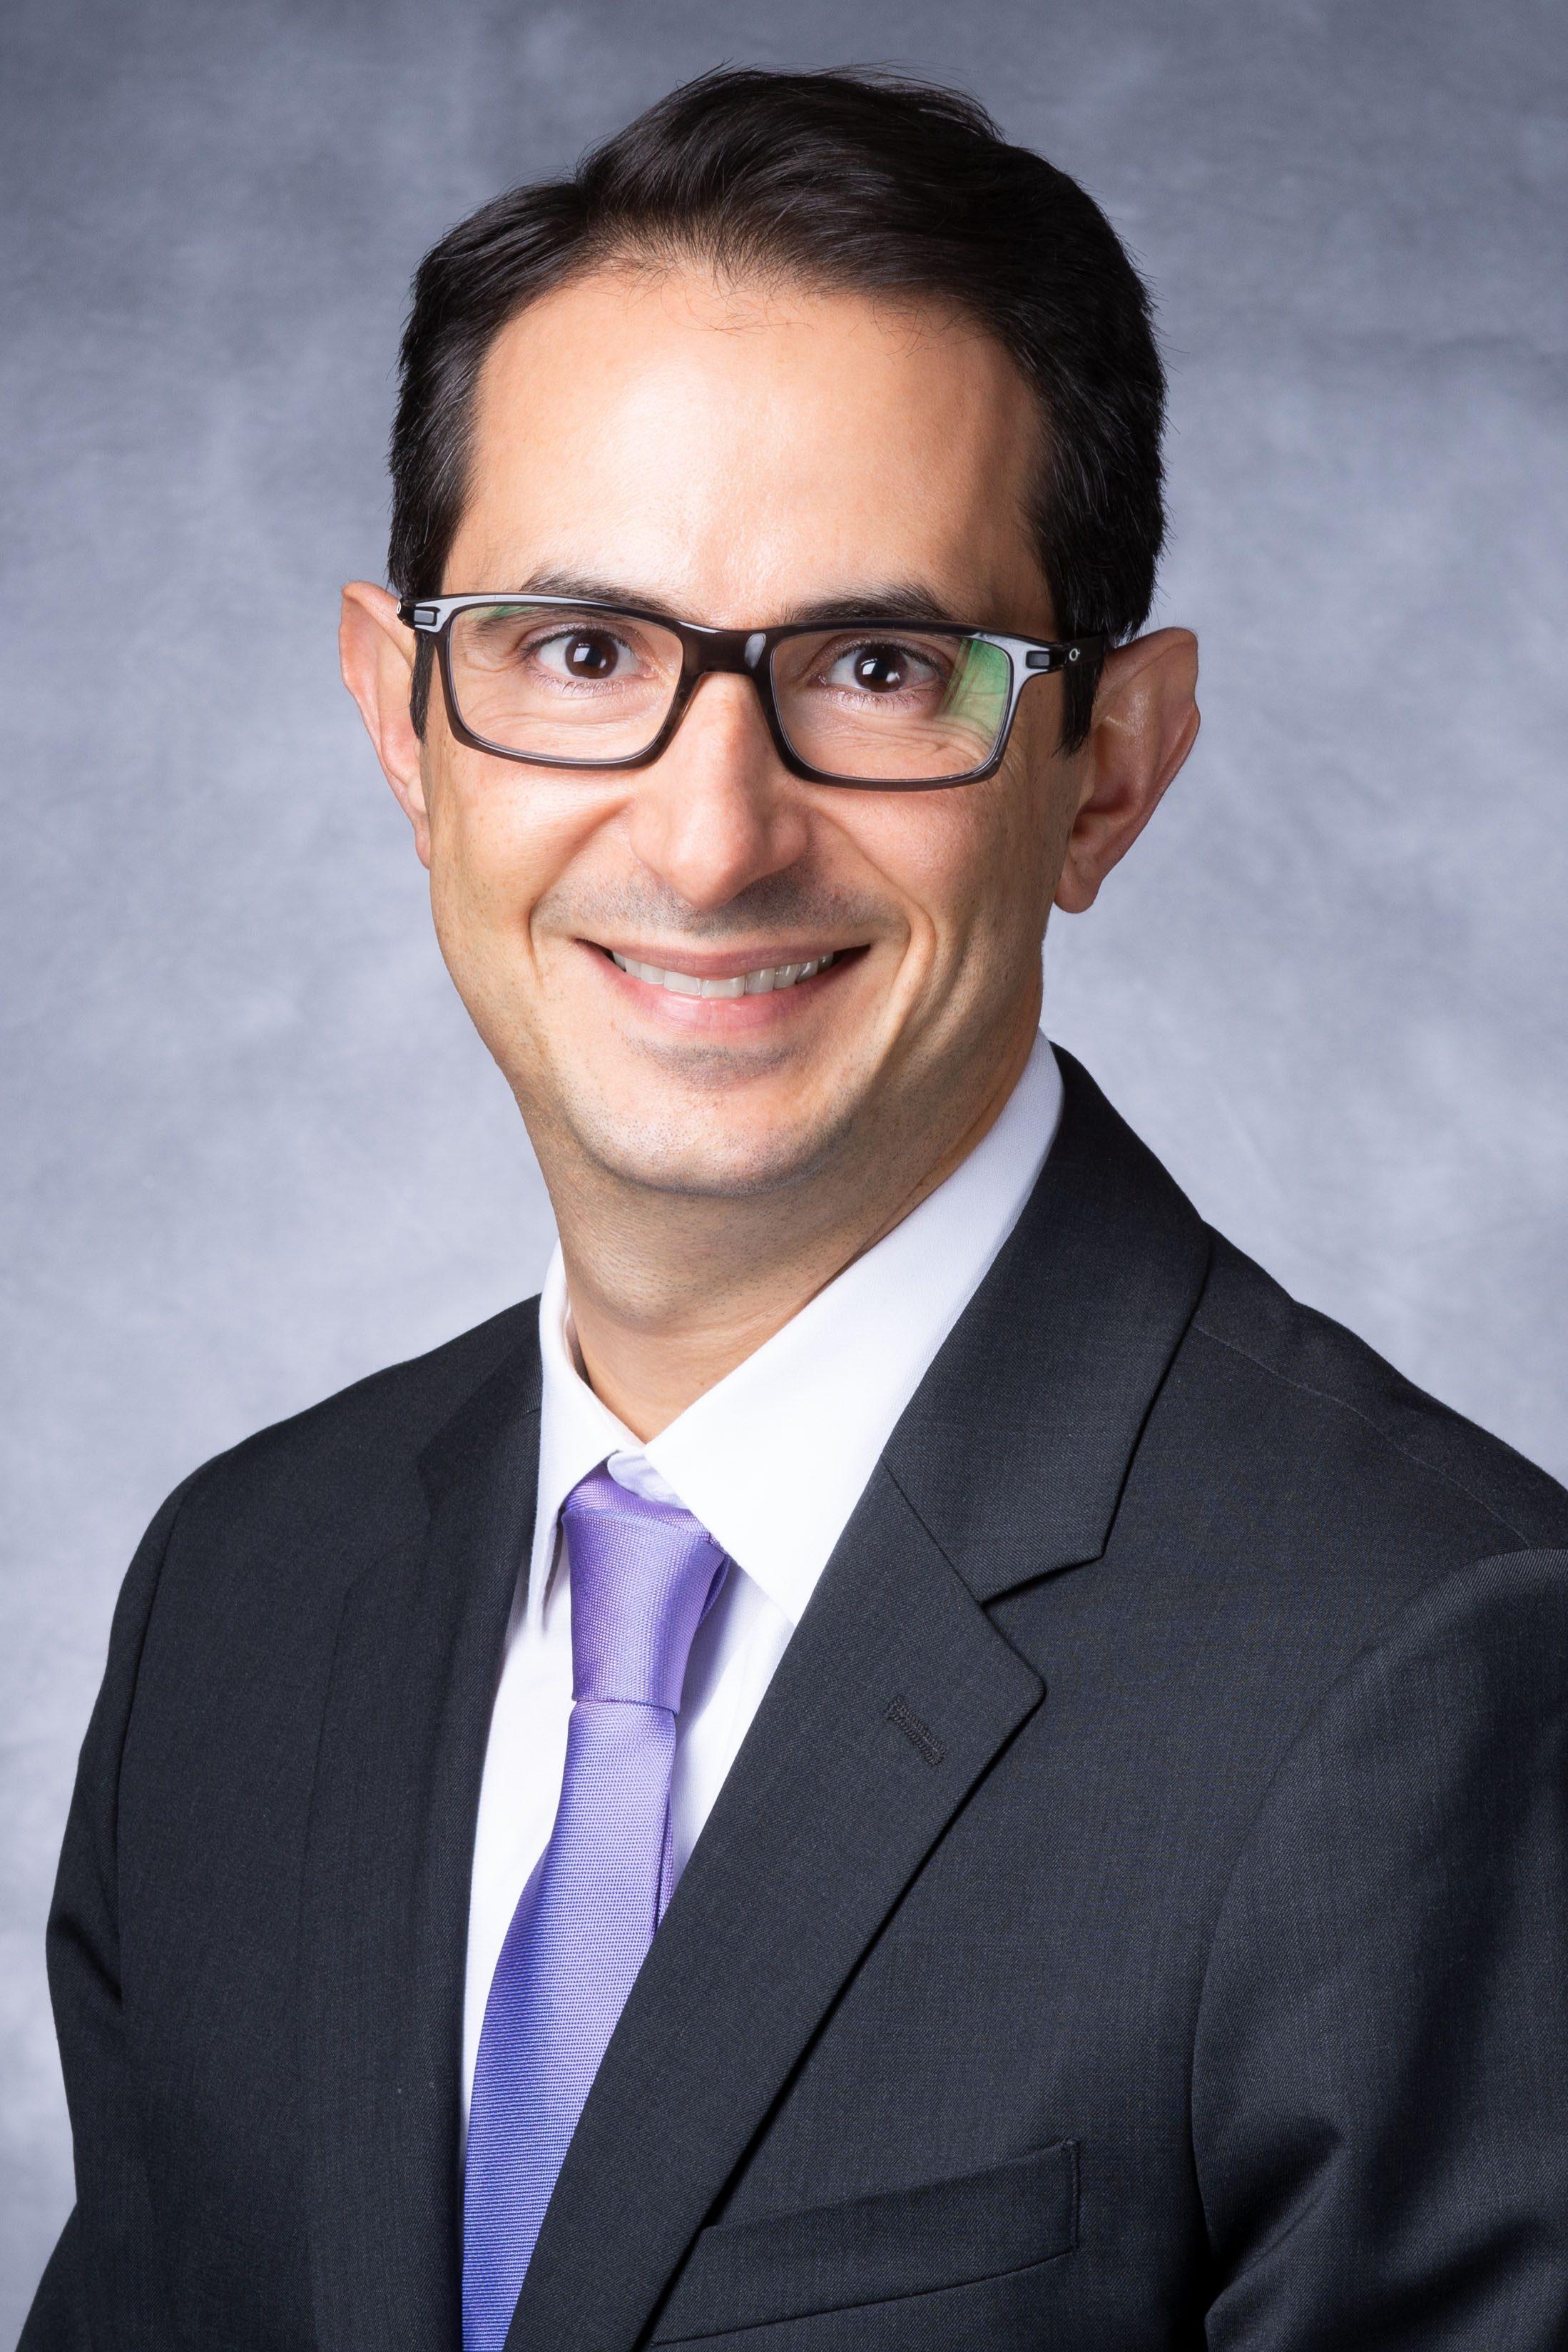 Hussein tawbi image